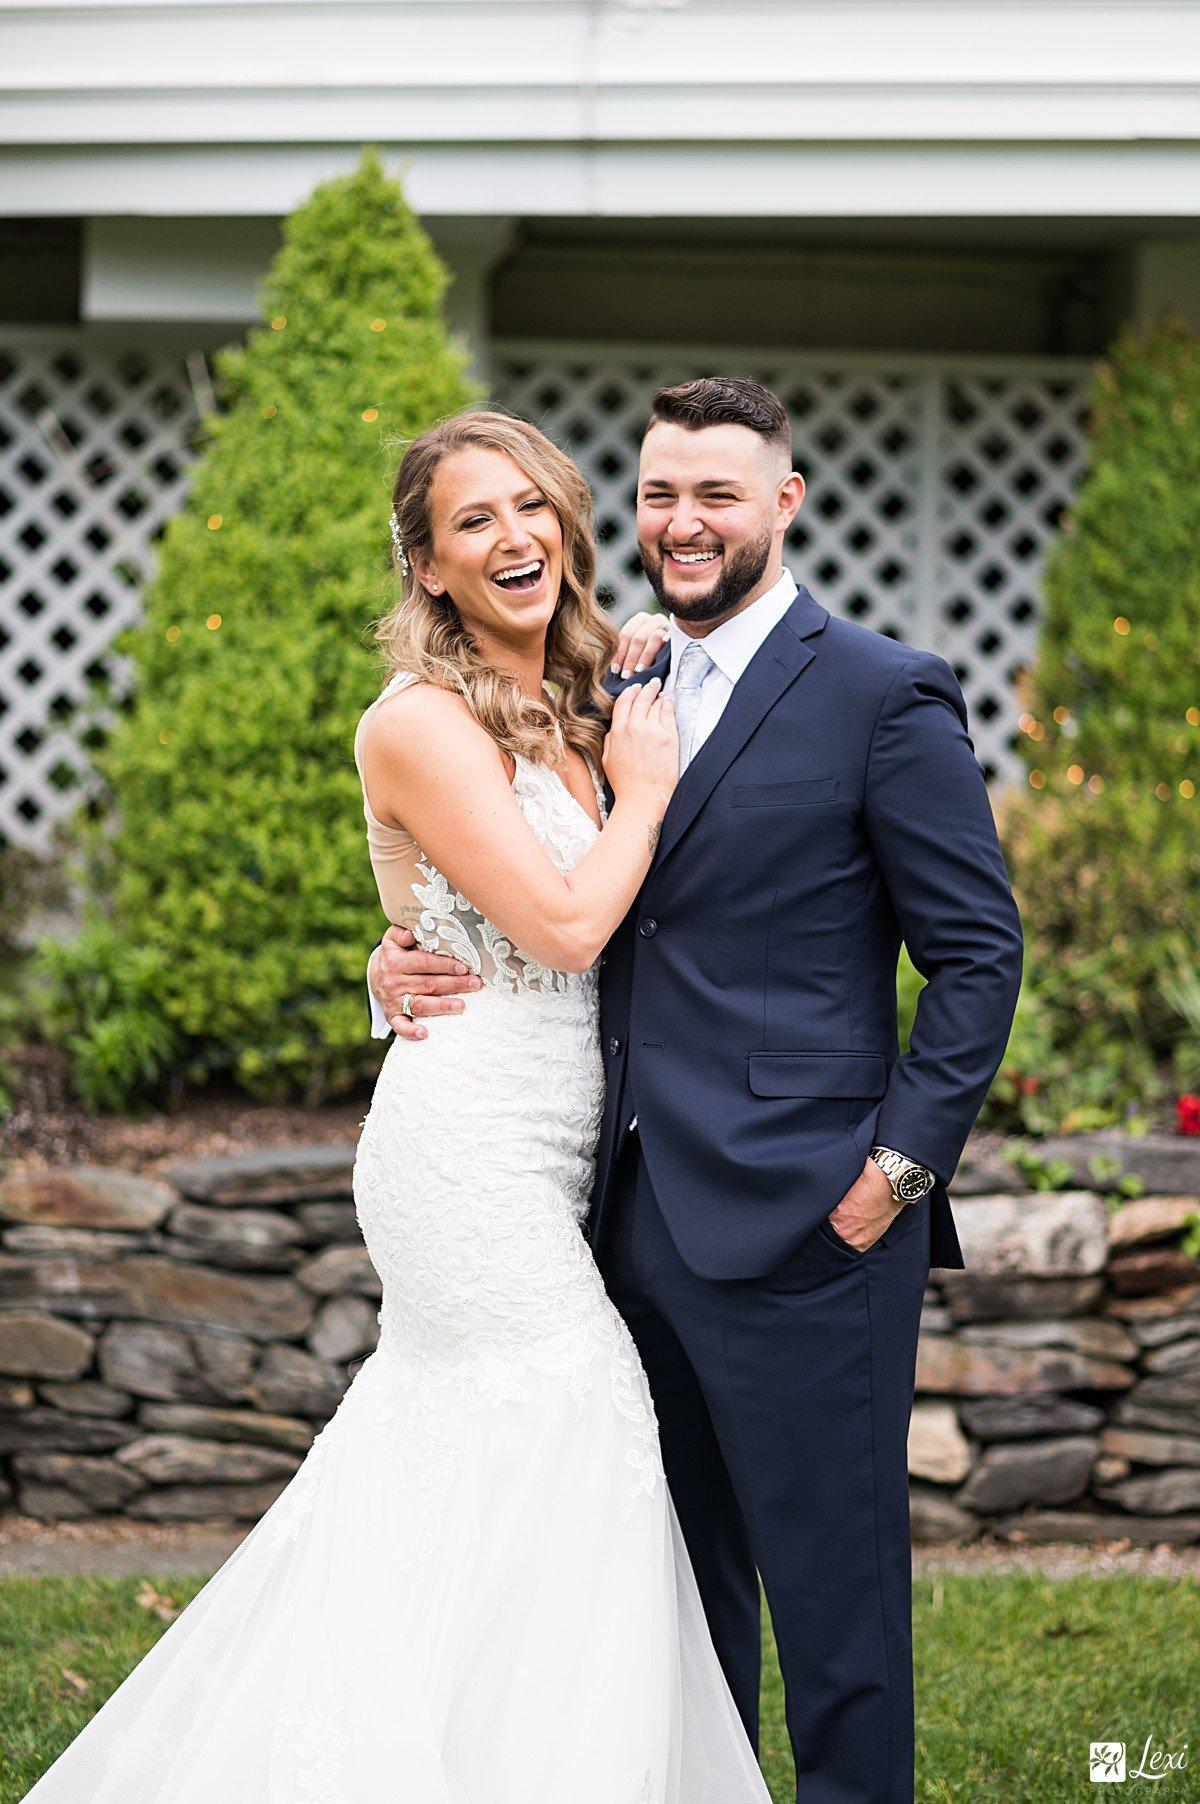 bedford-village-inn-wedding-bride-and-groom-laughing.jpg